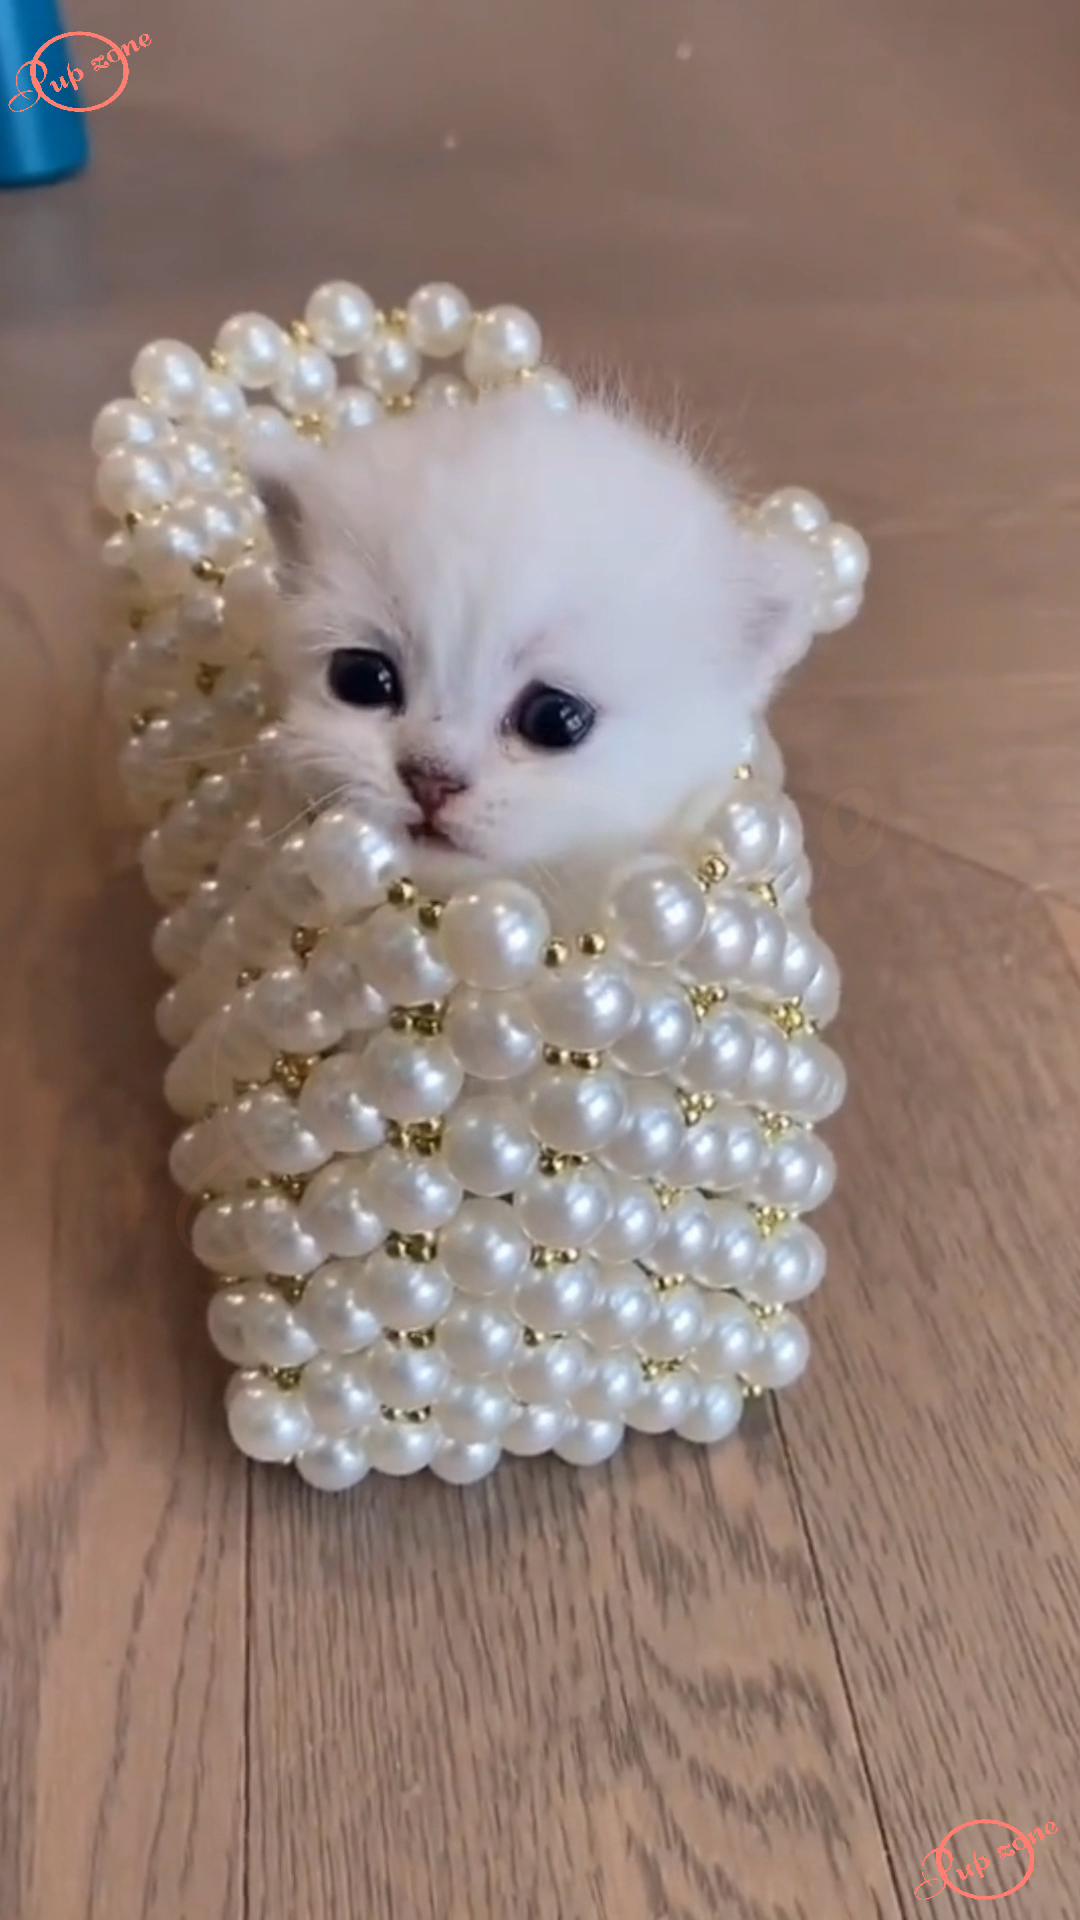 Cute Kitten Playing Hide & Seek